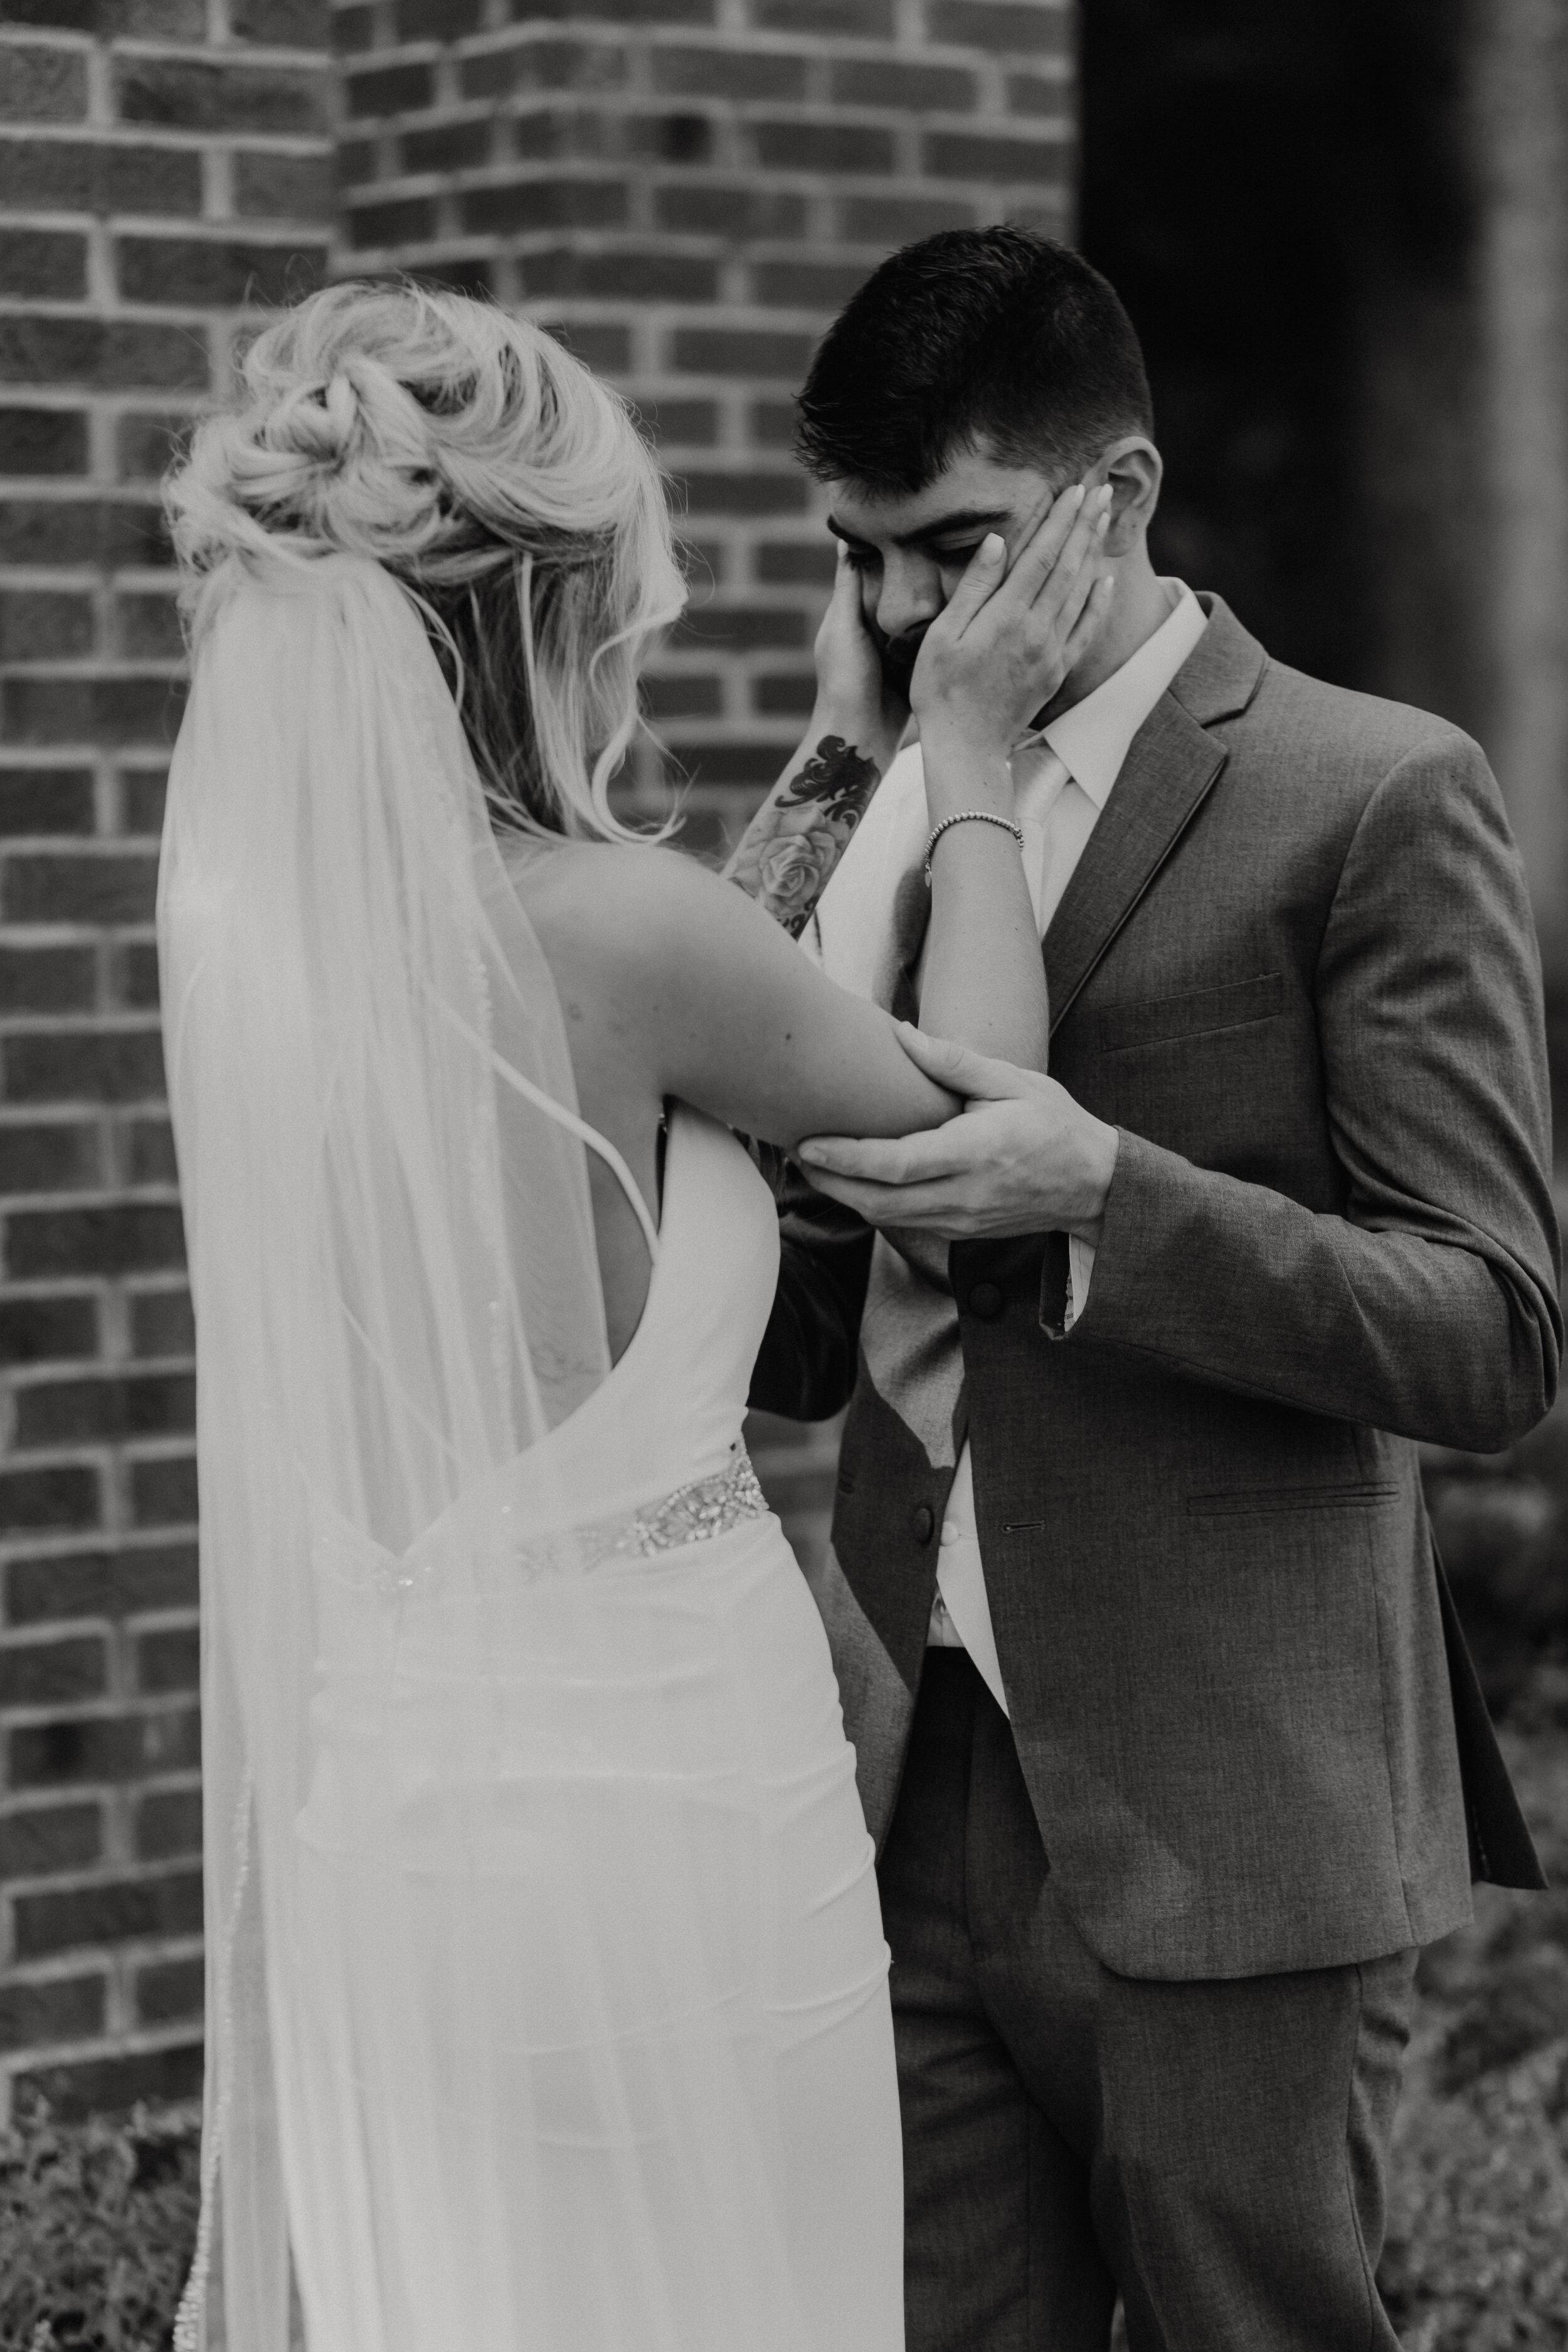 schenectady-new-york-wedding017.jpg